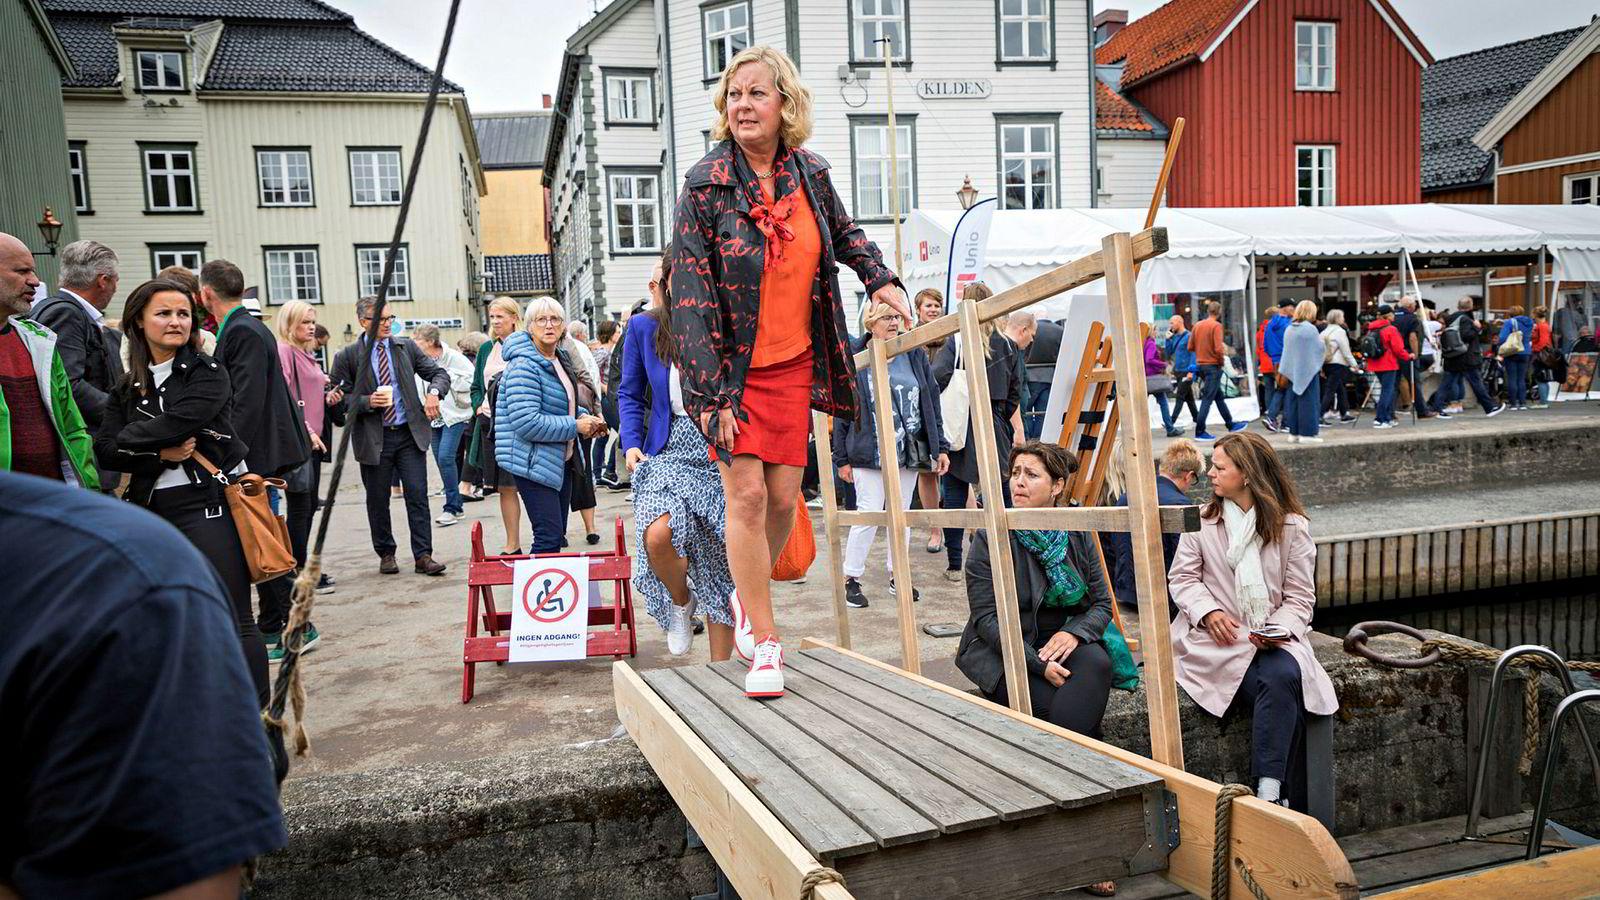 Konserndirektør Berit Svendsen i Telenor går om bord i mediebåten for å delta i en paneldebatt under Arendalsuka.